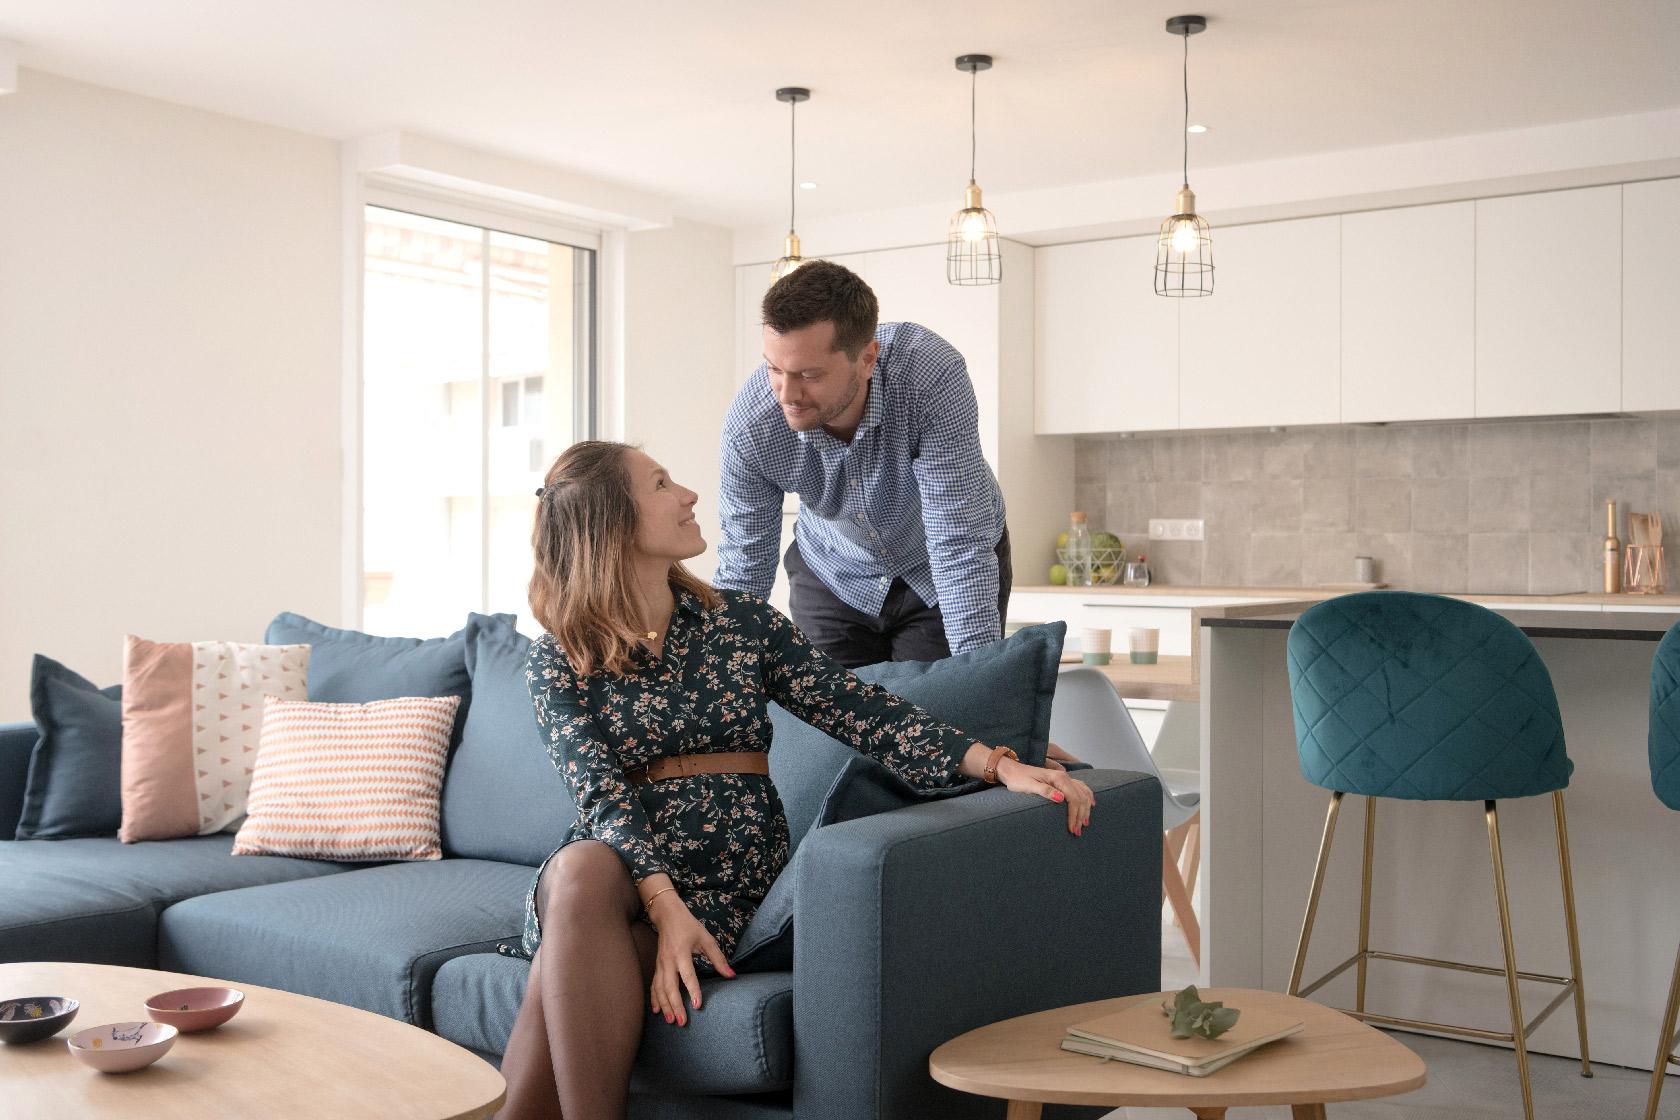 Réalisation du studio d'architecture et de décoration Skéa Designer. Le jeune couple est heureux de prendre la pose dans leur bel appartement.